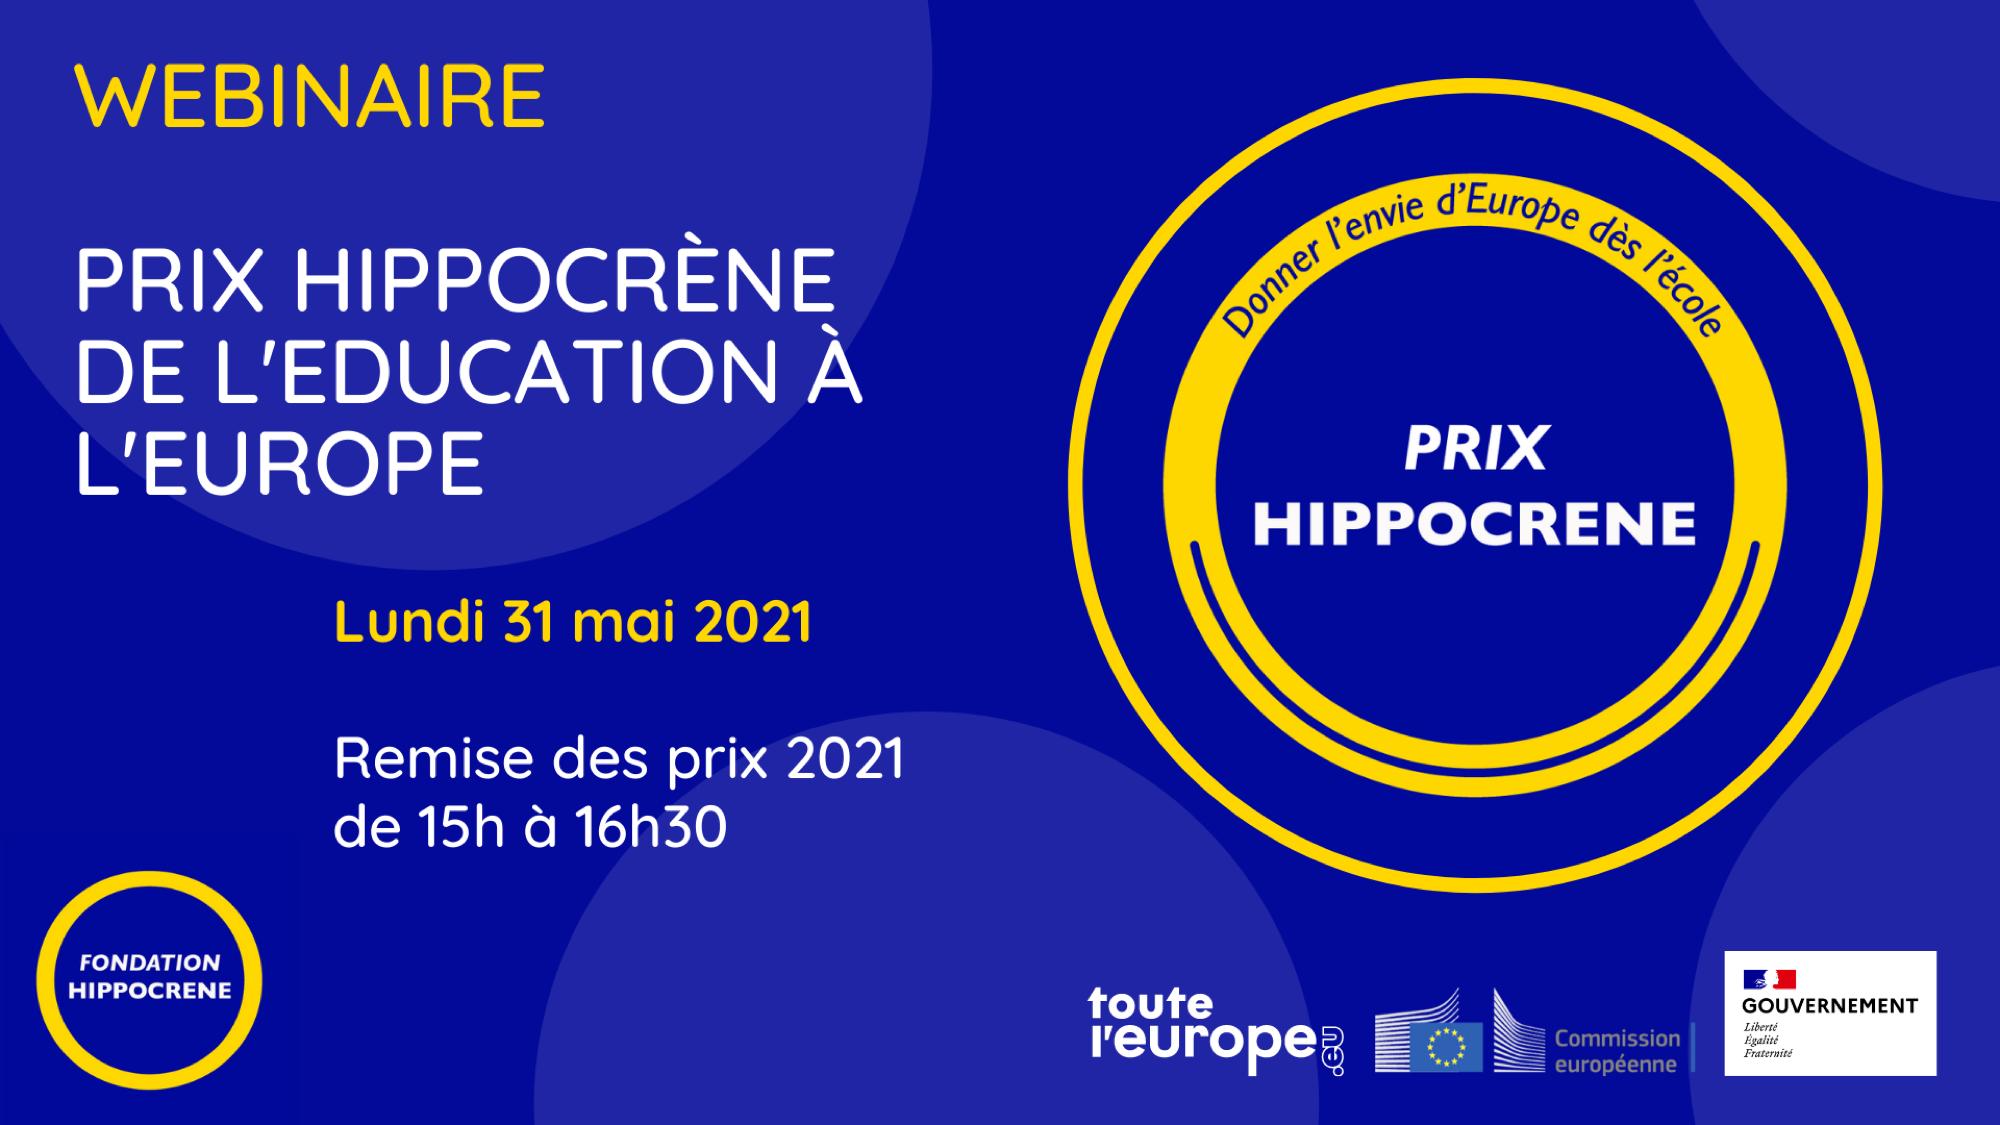 Webinaire : Remise du Prix Hippocrène de l'éducation à l'Europe 2021